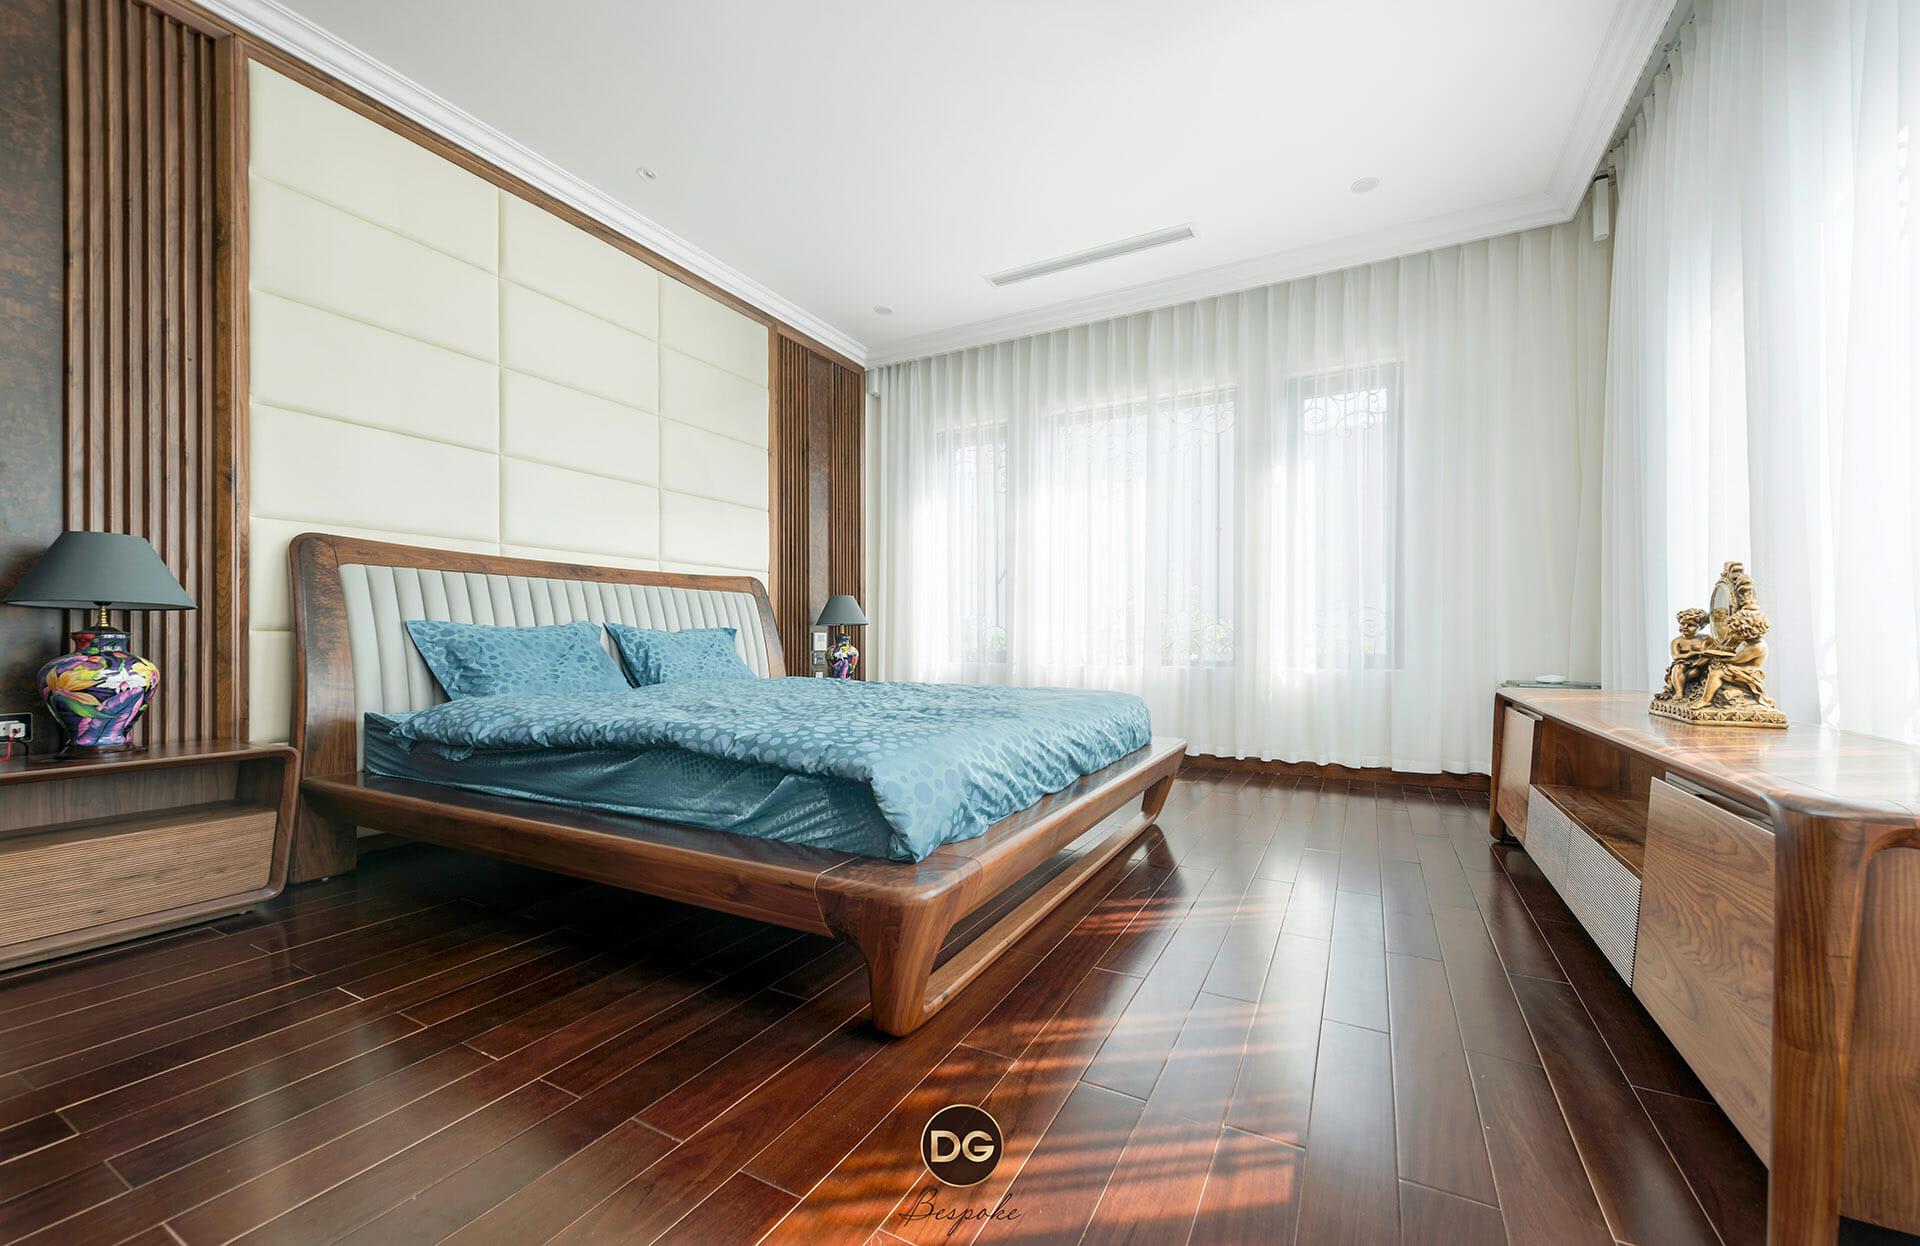 thi-cong-biet-thu-hien-dai-tai-quang-ninh (11)